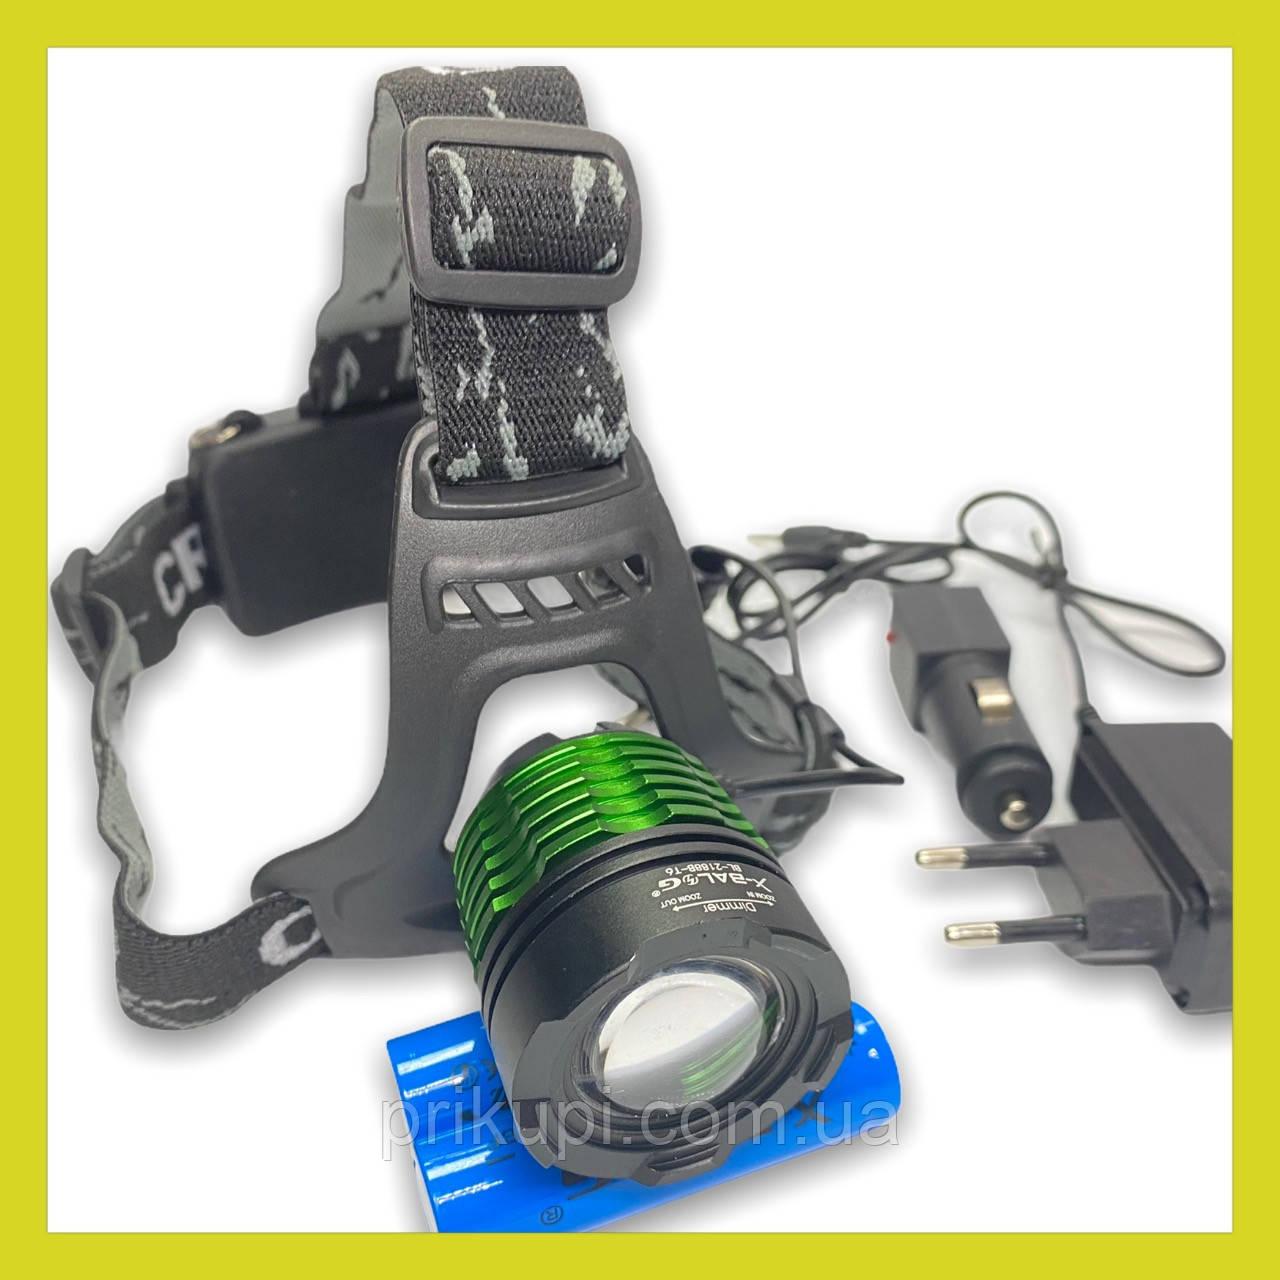 Налобный фонарь Police BL 2188B - T6, zoom, аккумуляторы 18650 х2, ЗУ 12-220В